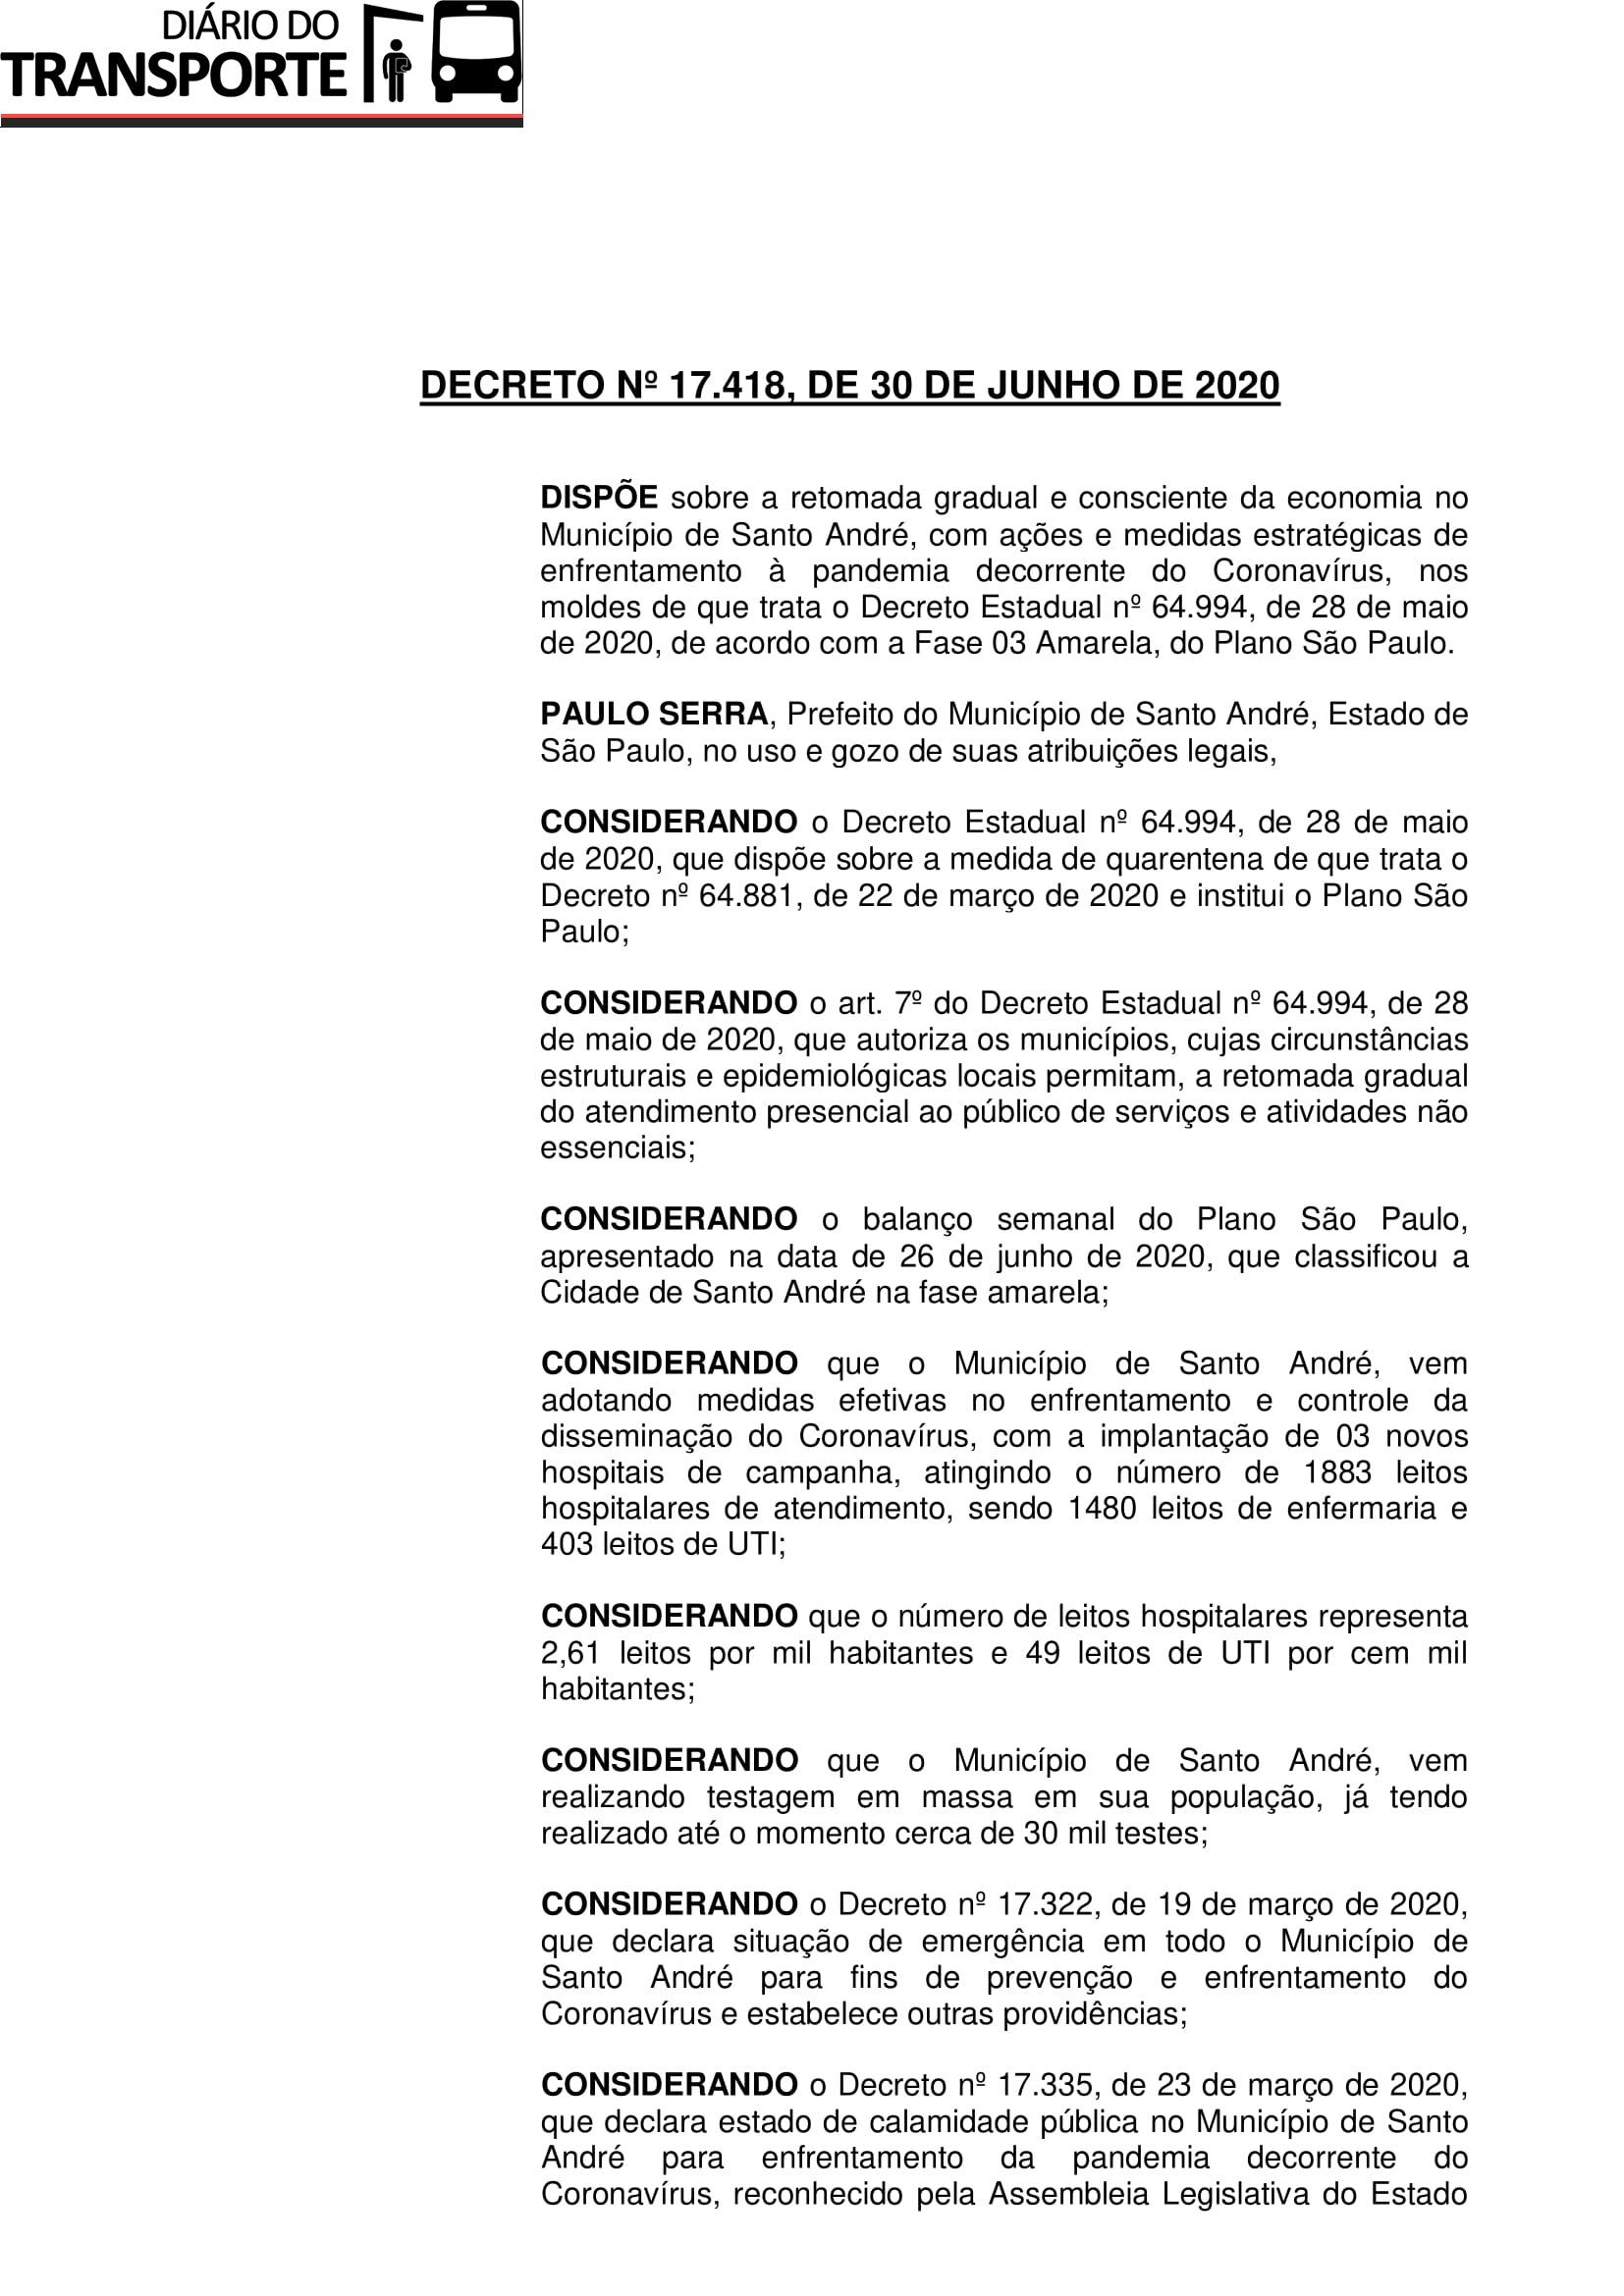 Decreto nº 17.418 (Retomada gradual e consciente da economia - fase amarela)-1